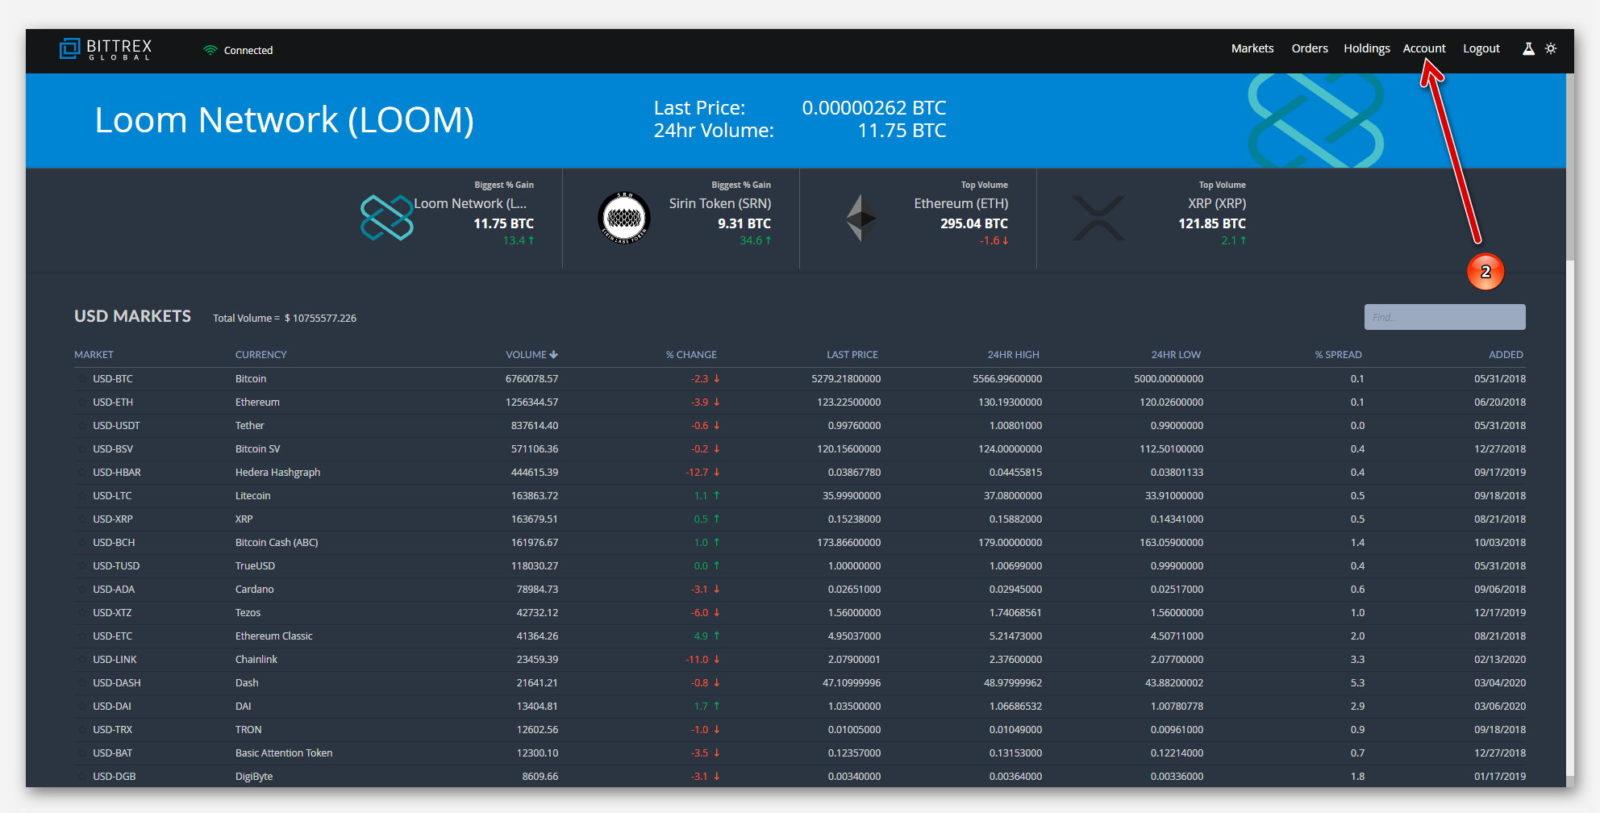 Перейти в свой аккаунт на бирже Bittrex